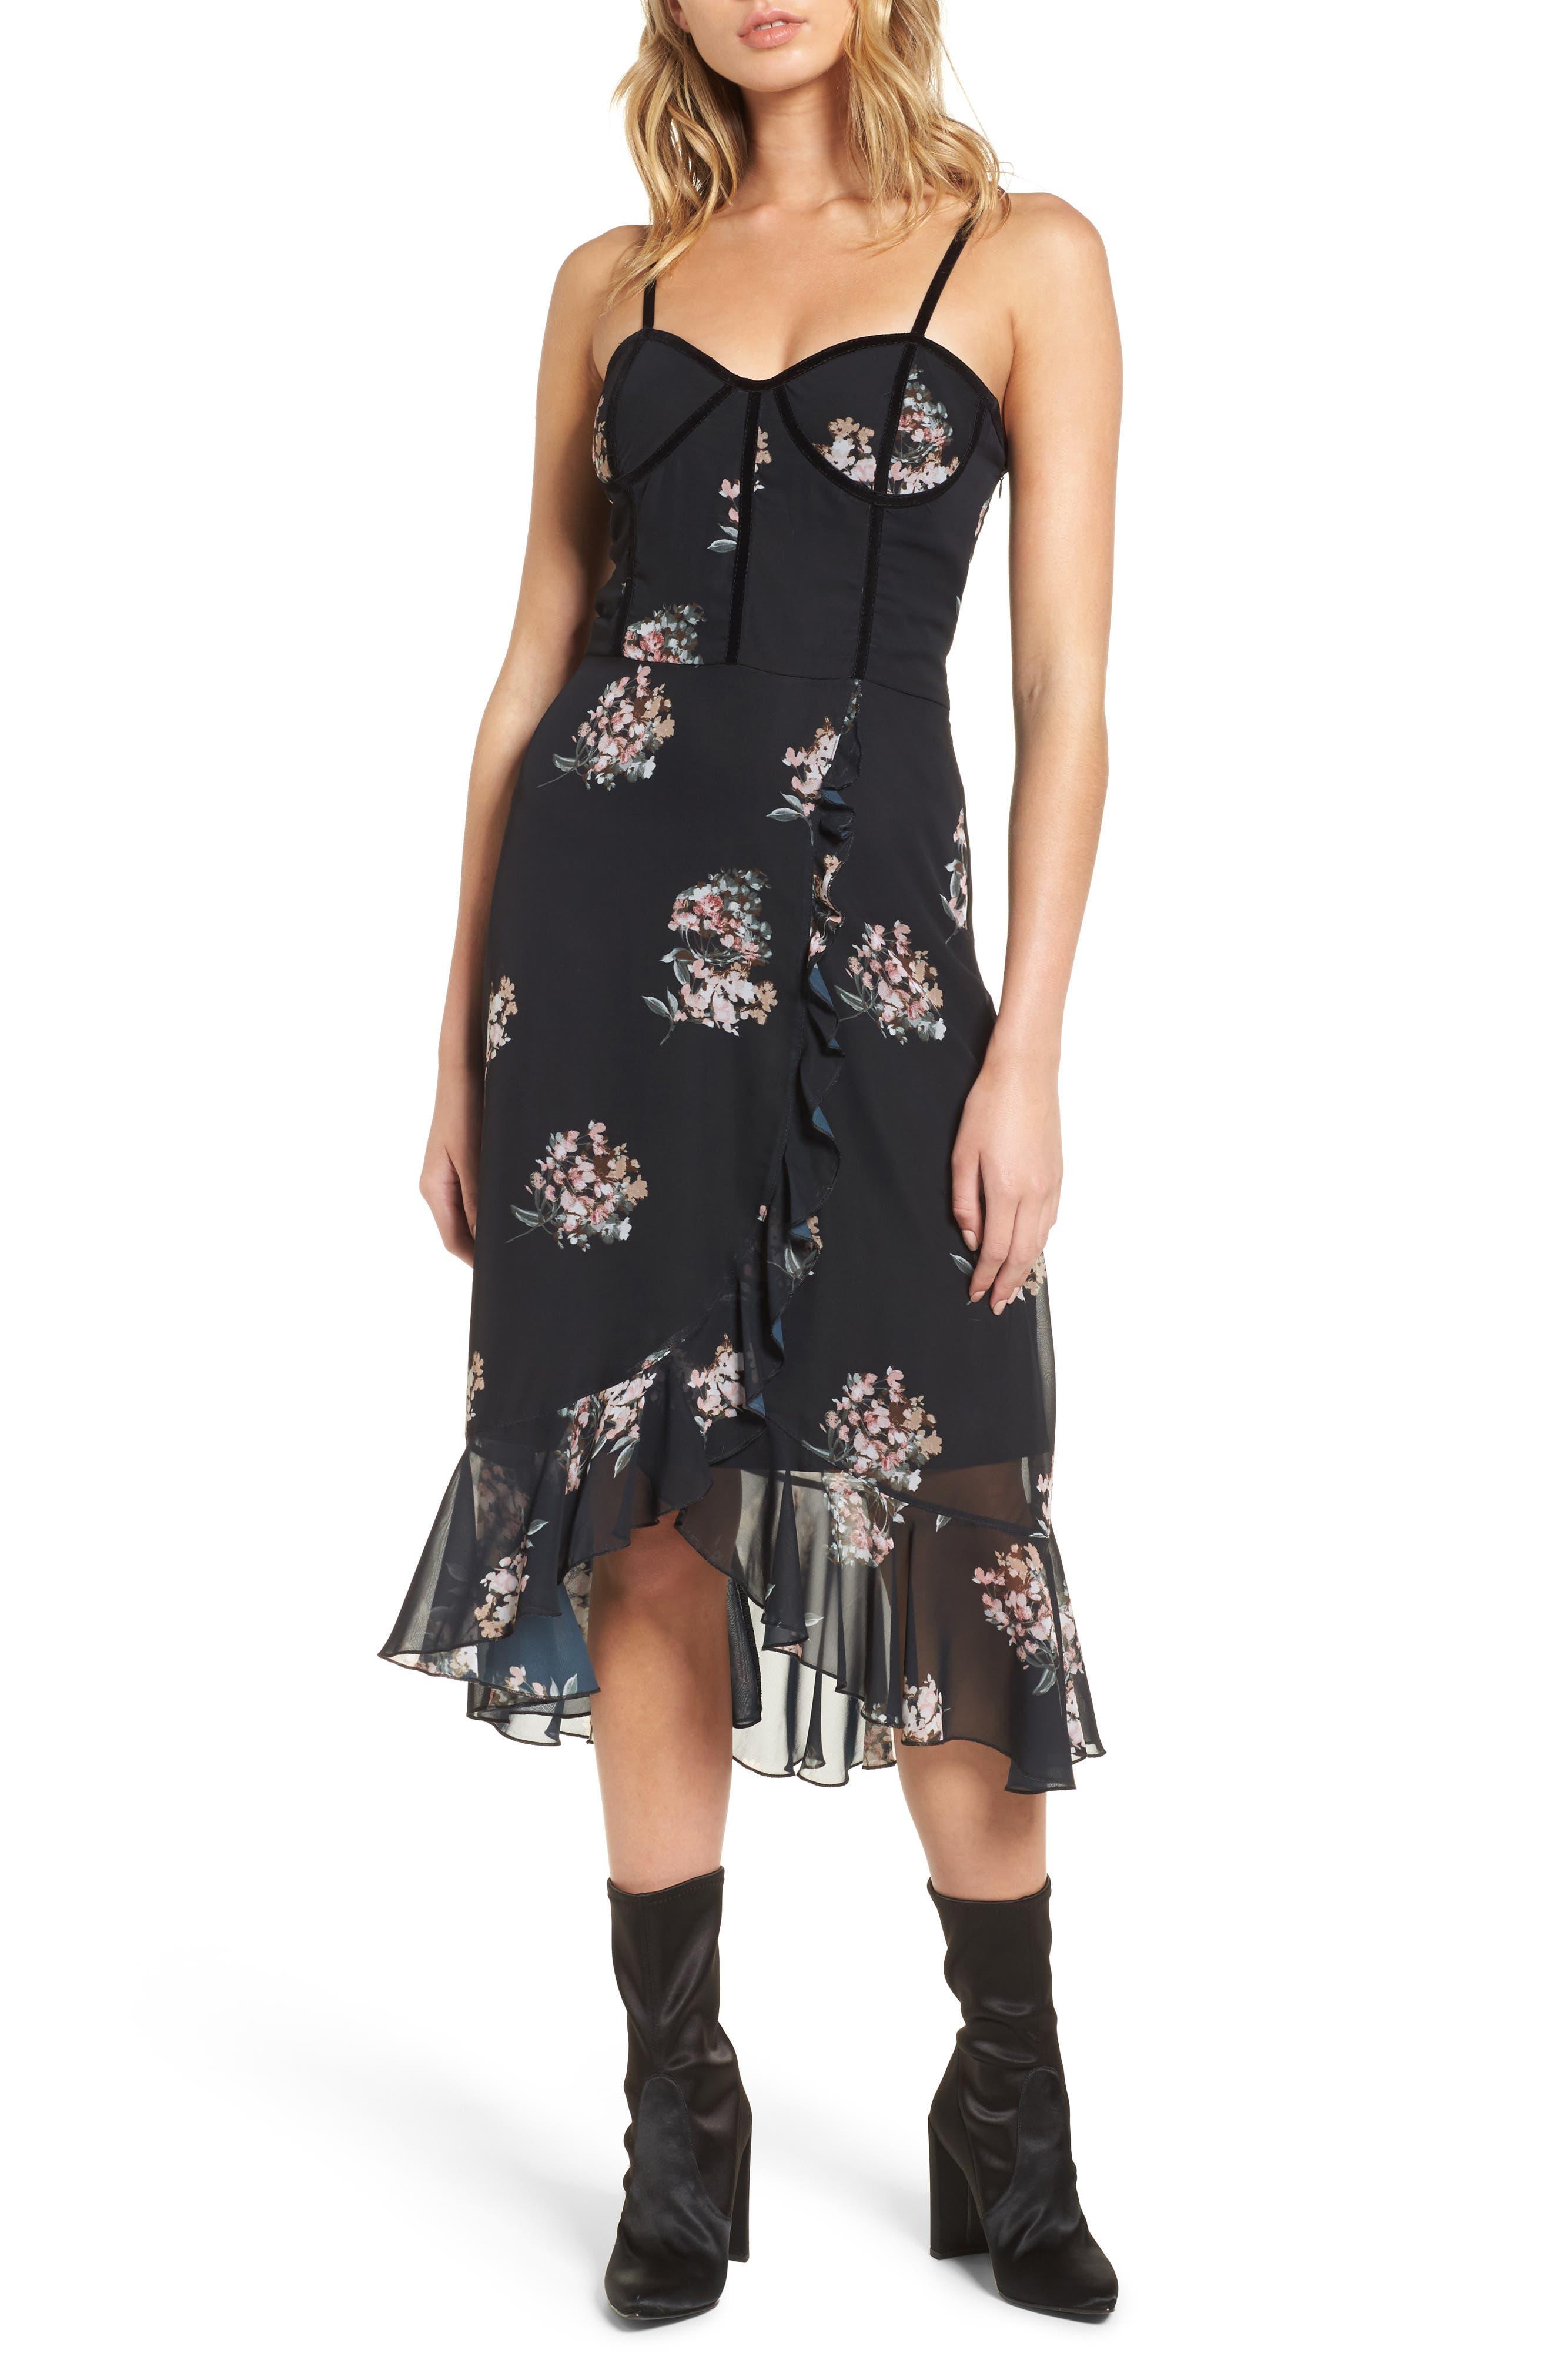 Floral Corset Dress,                         Main,                         color, Black Multi Floral